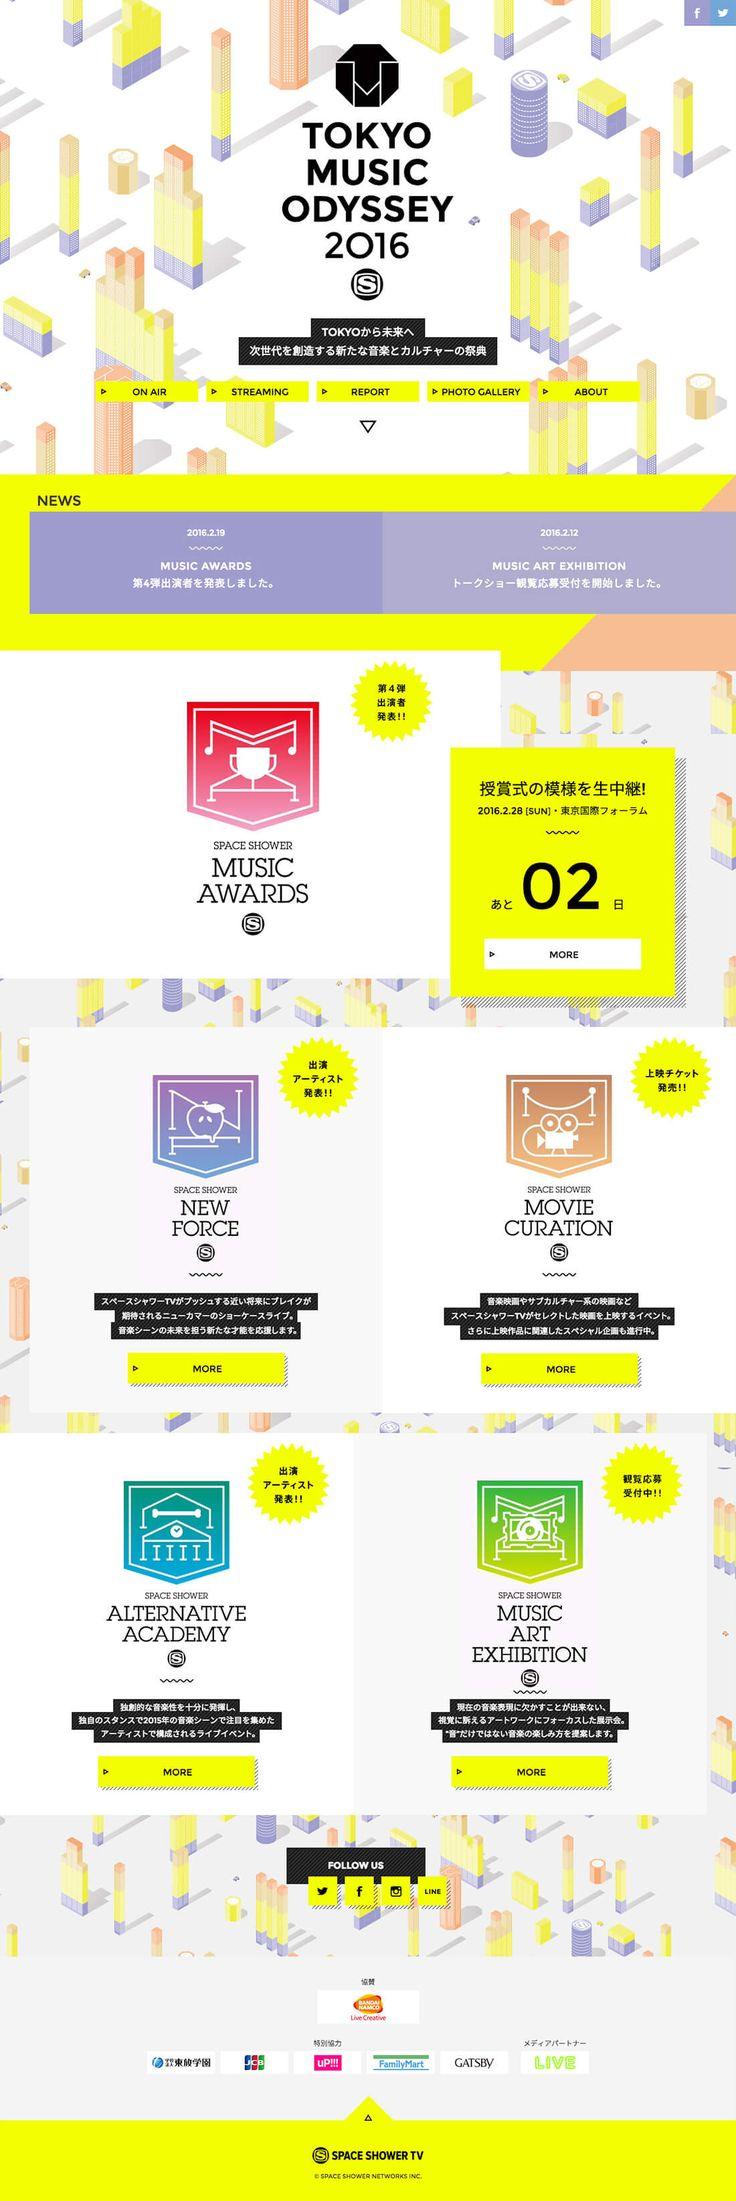 TOKYO MUSIC ODYSSEY 2016 | Grids グラフィック(紙)・Webのデザインルールがひと目で分かる 実例まとめ/見本リンク集